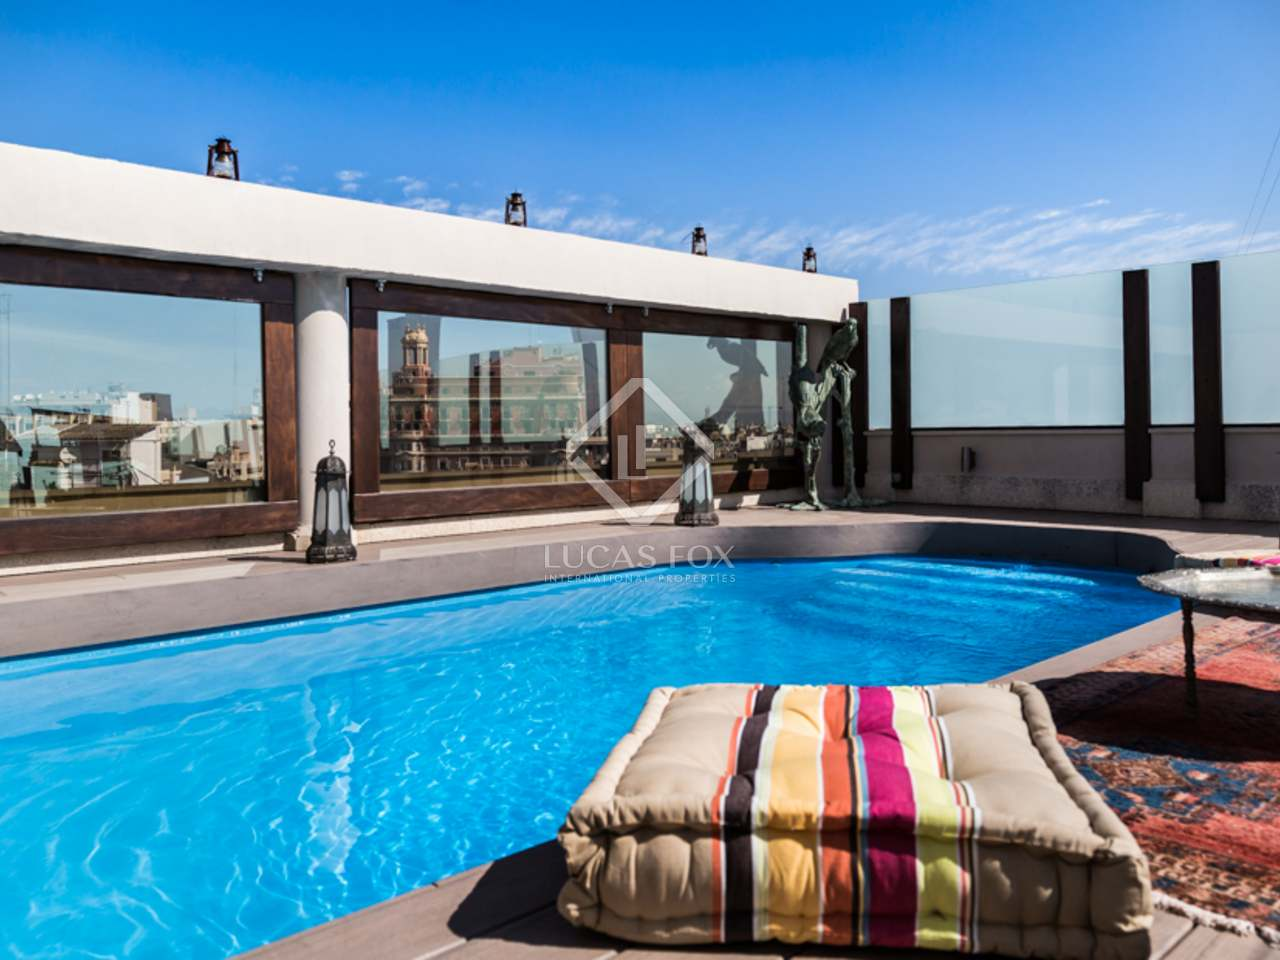 Penthouse de style oriental en vente avec piscine au for Vente tuyau piscine